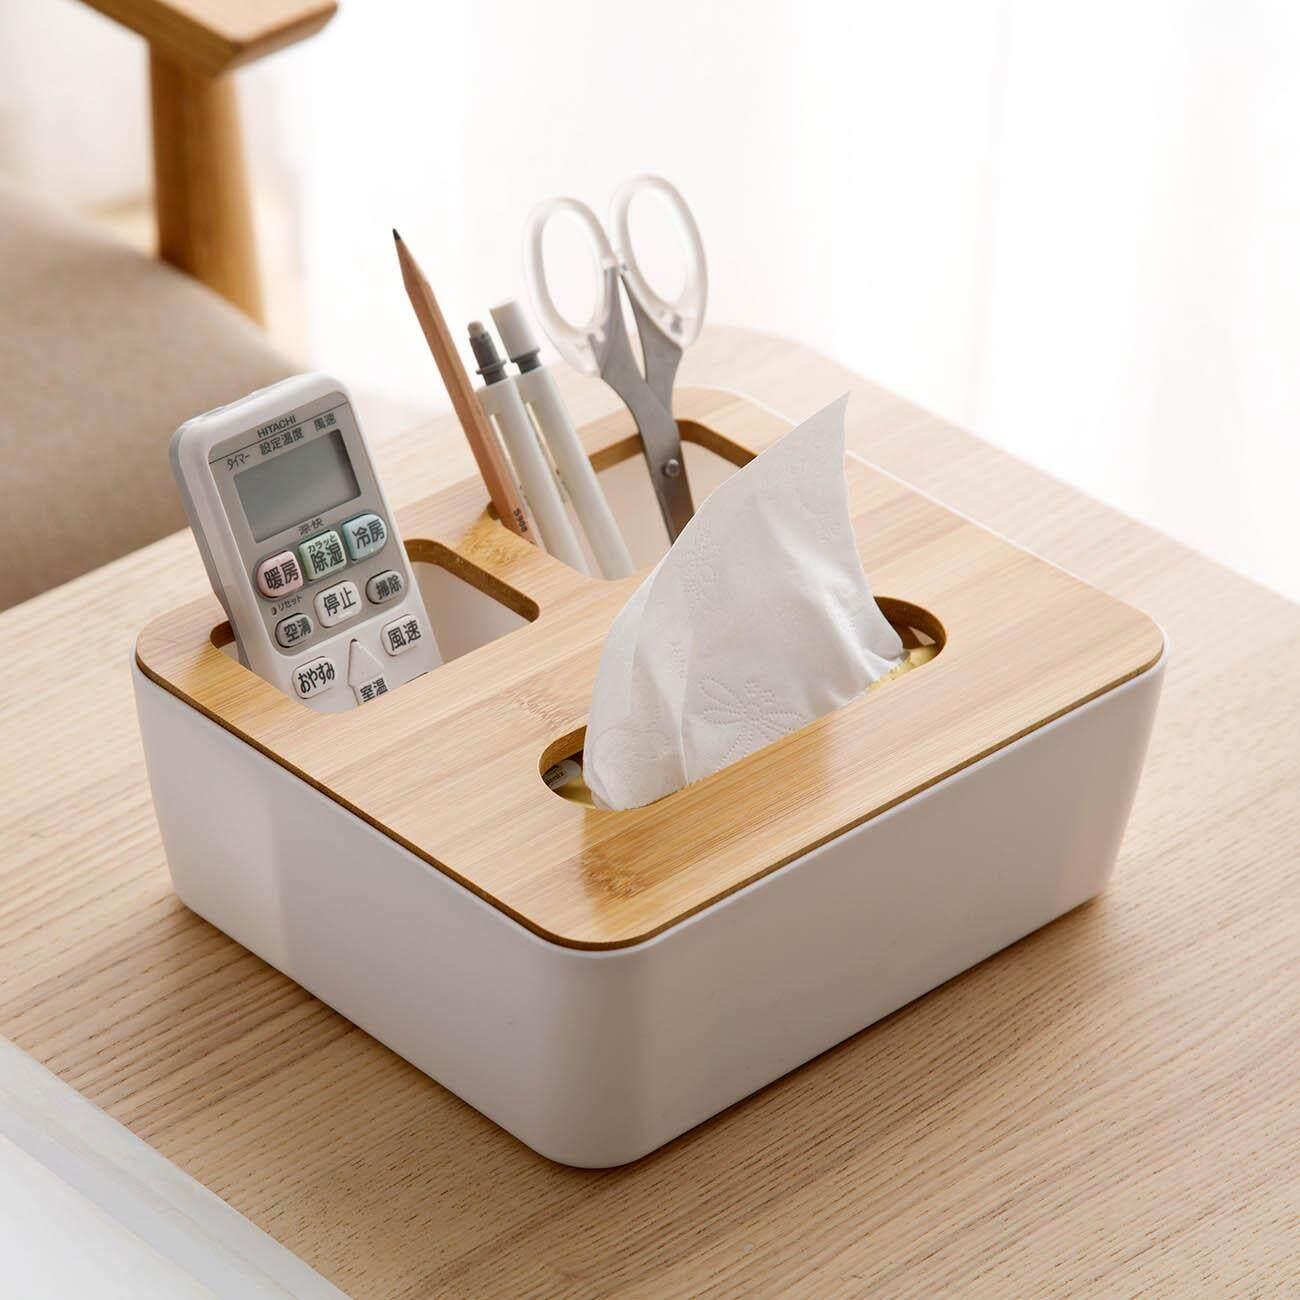 Desktop Storage Box Case Wooden Tissue Box Napkin Holder Phone Holder Cosmetics Jewelry Remote Control Organizer